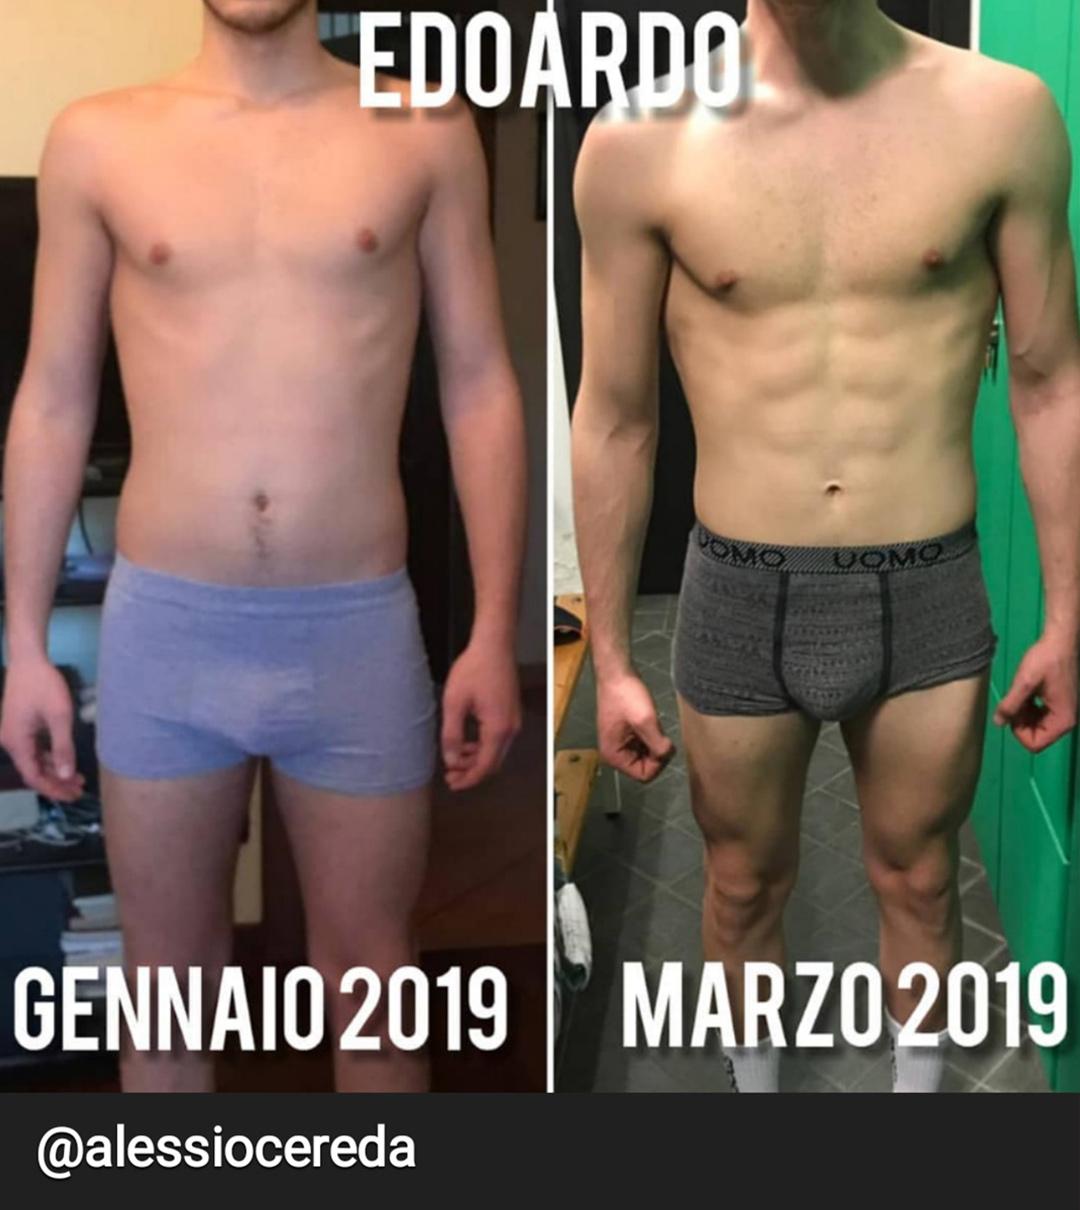 Edoardo Cuneo